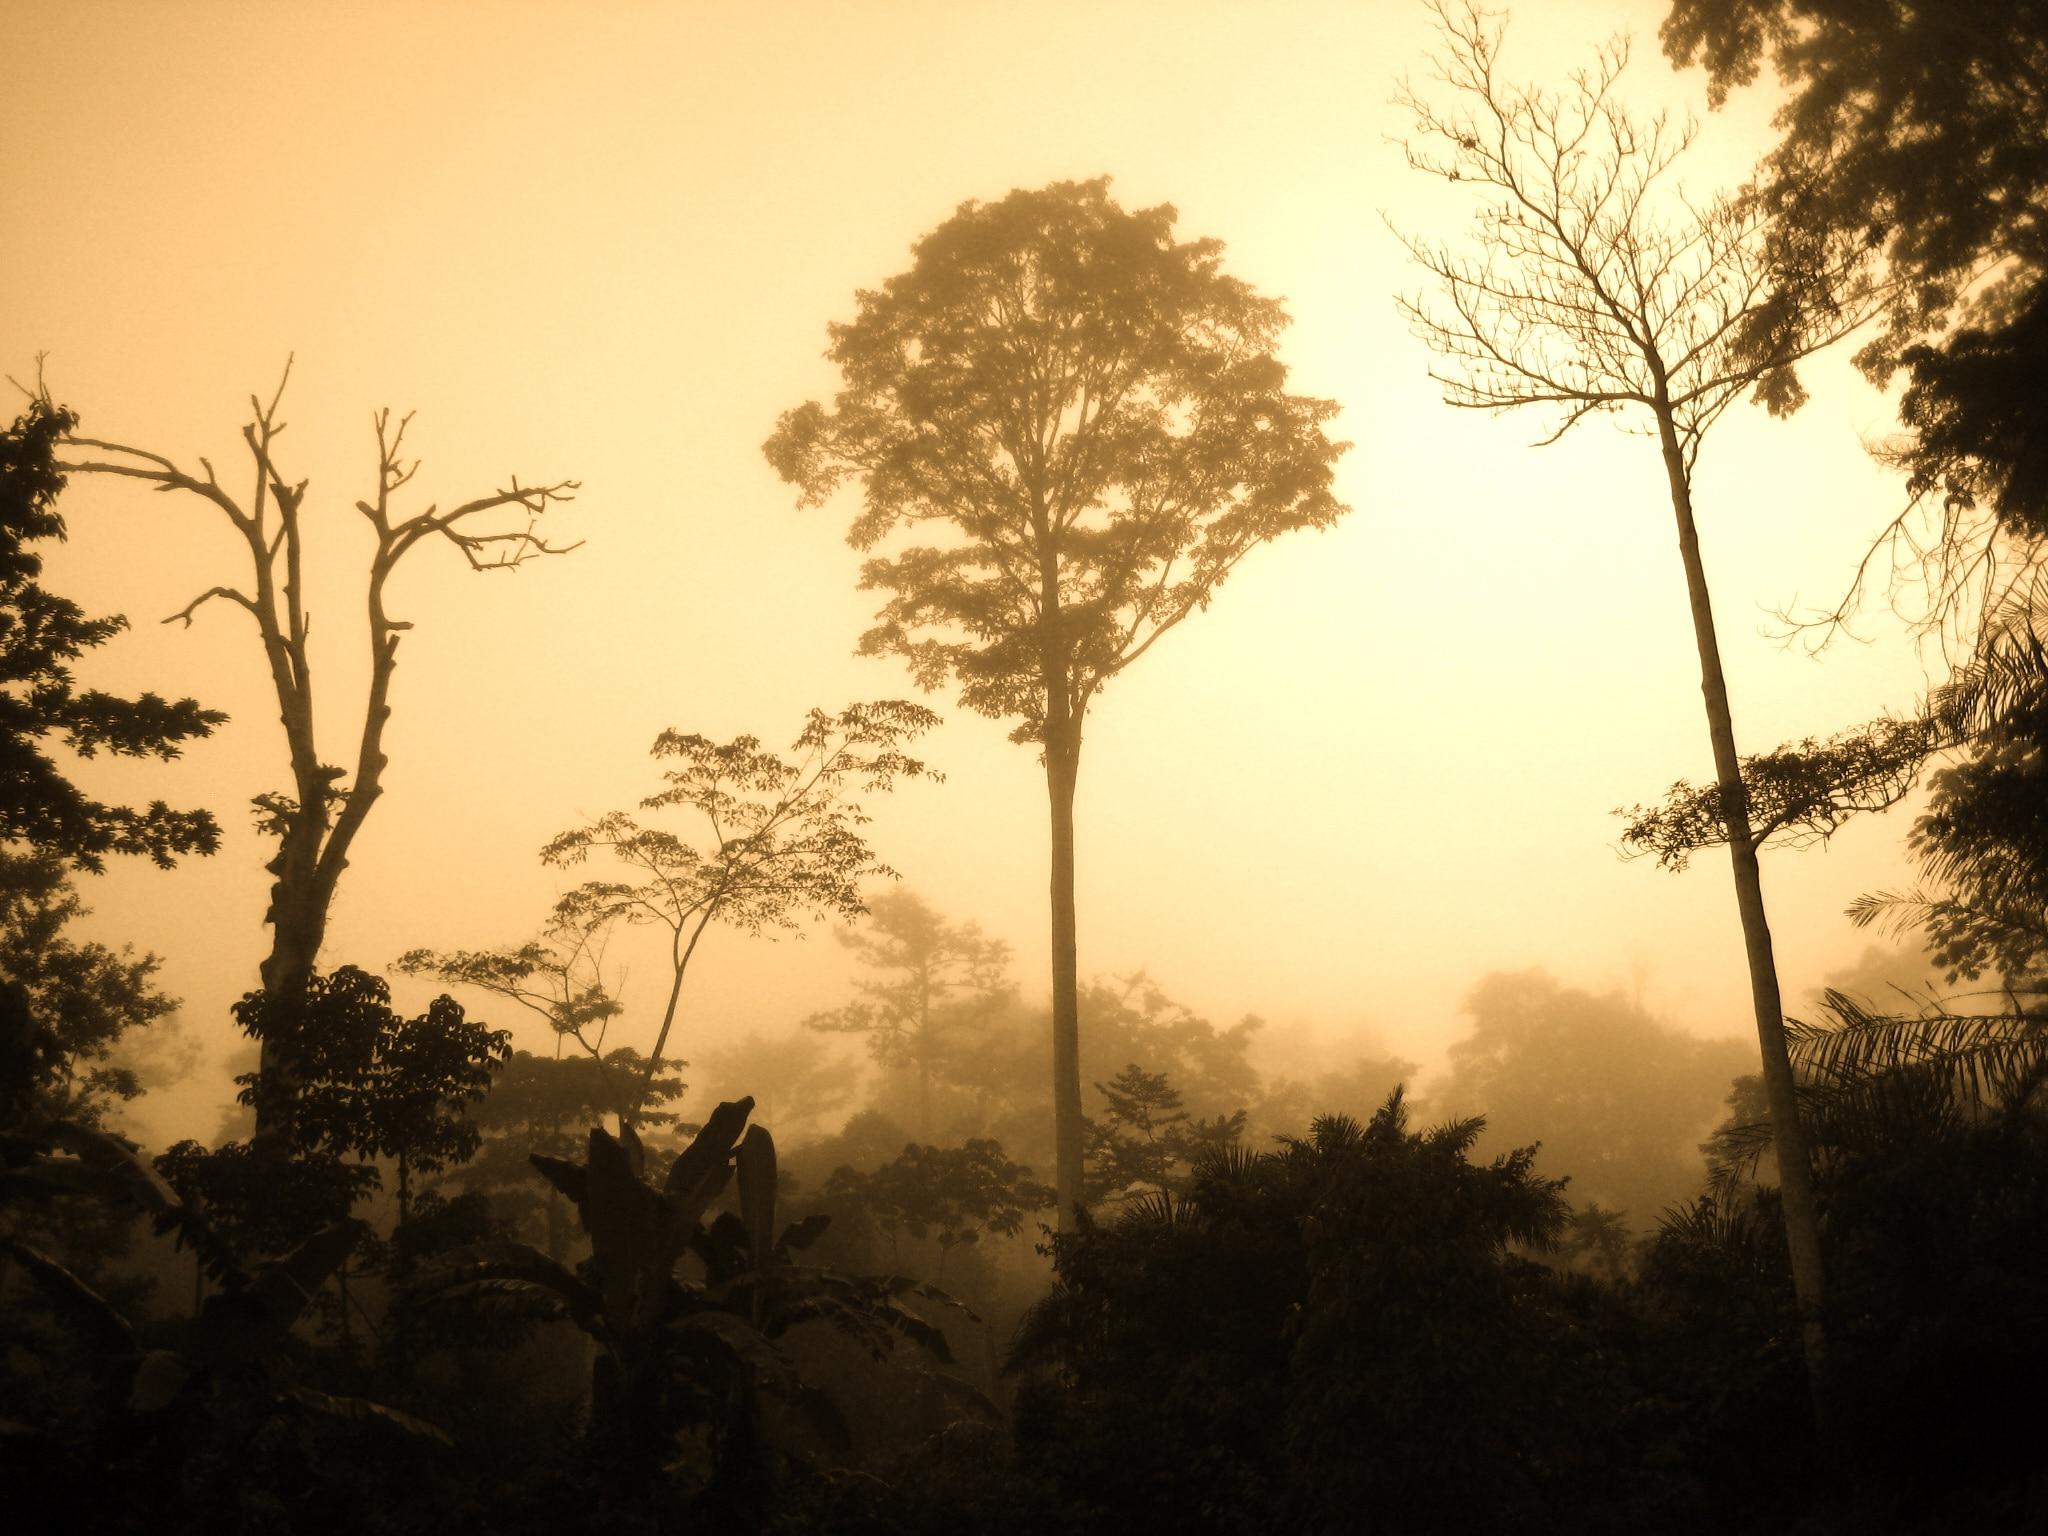 Foresta pluviale nel Bacino del Congo, foto di Corinne Staley su Flickr, licenza CC.